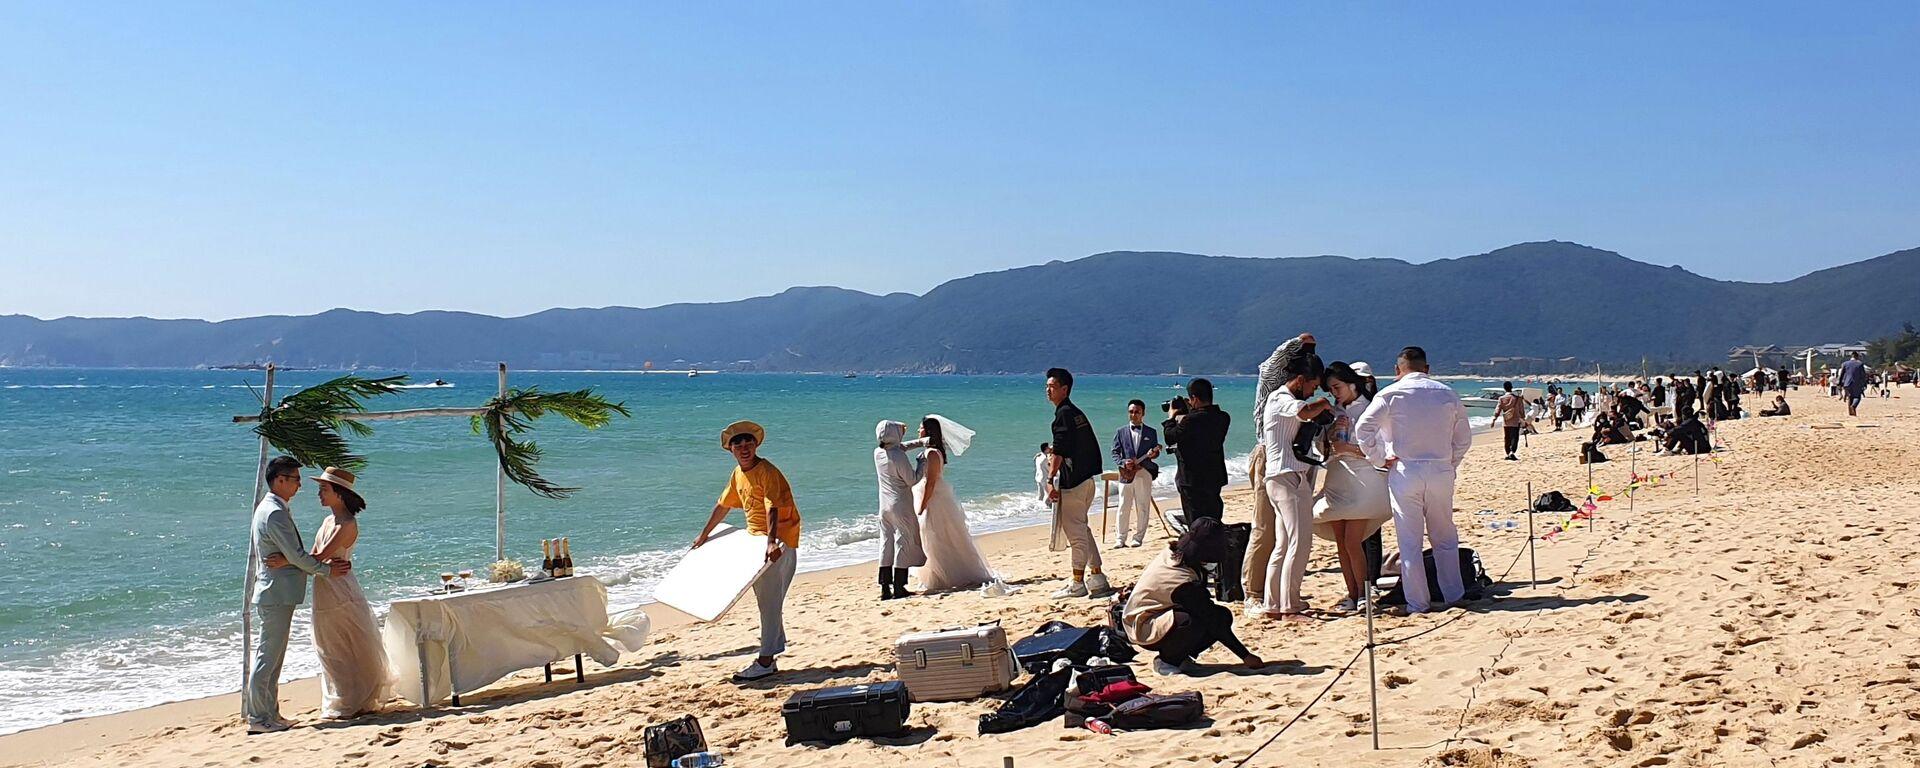 Matrimonio in spiaggia su un'isola cinese - Sputnik Italia, 1920, 07.06.2021